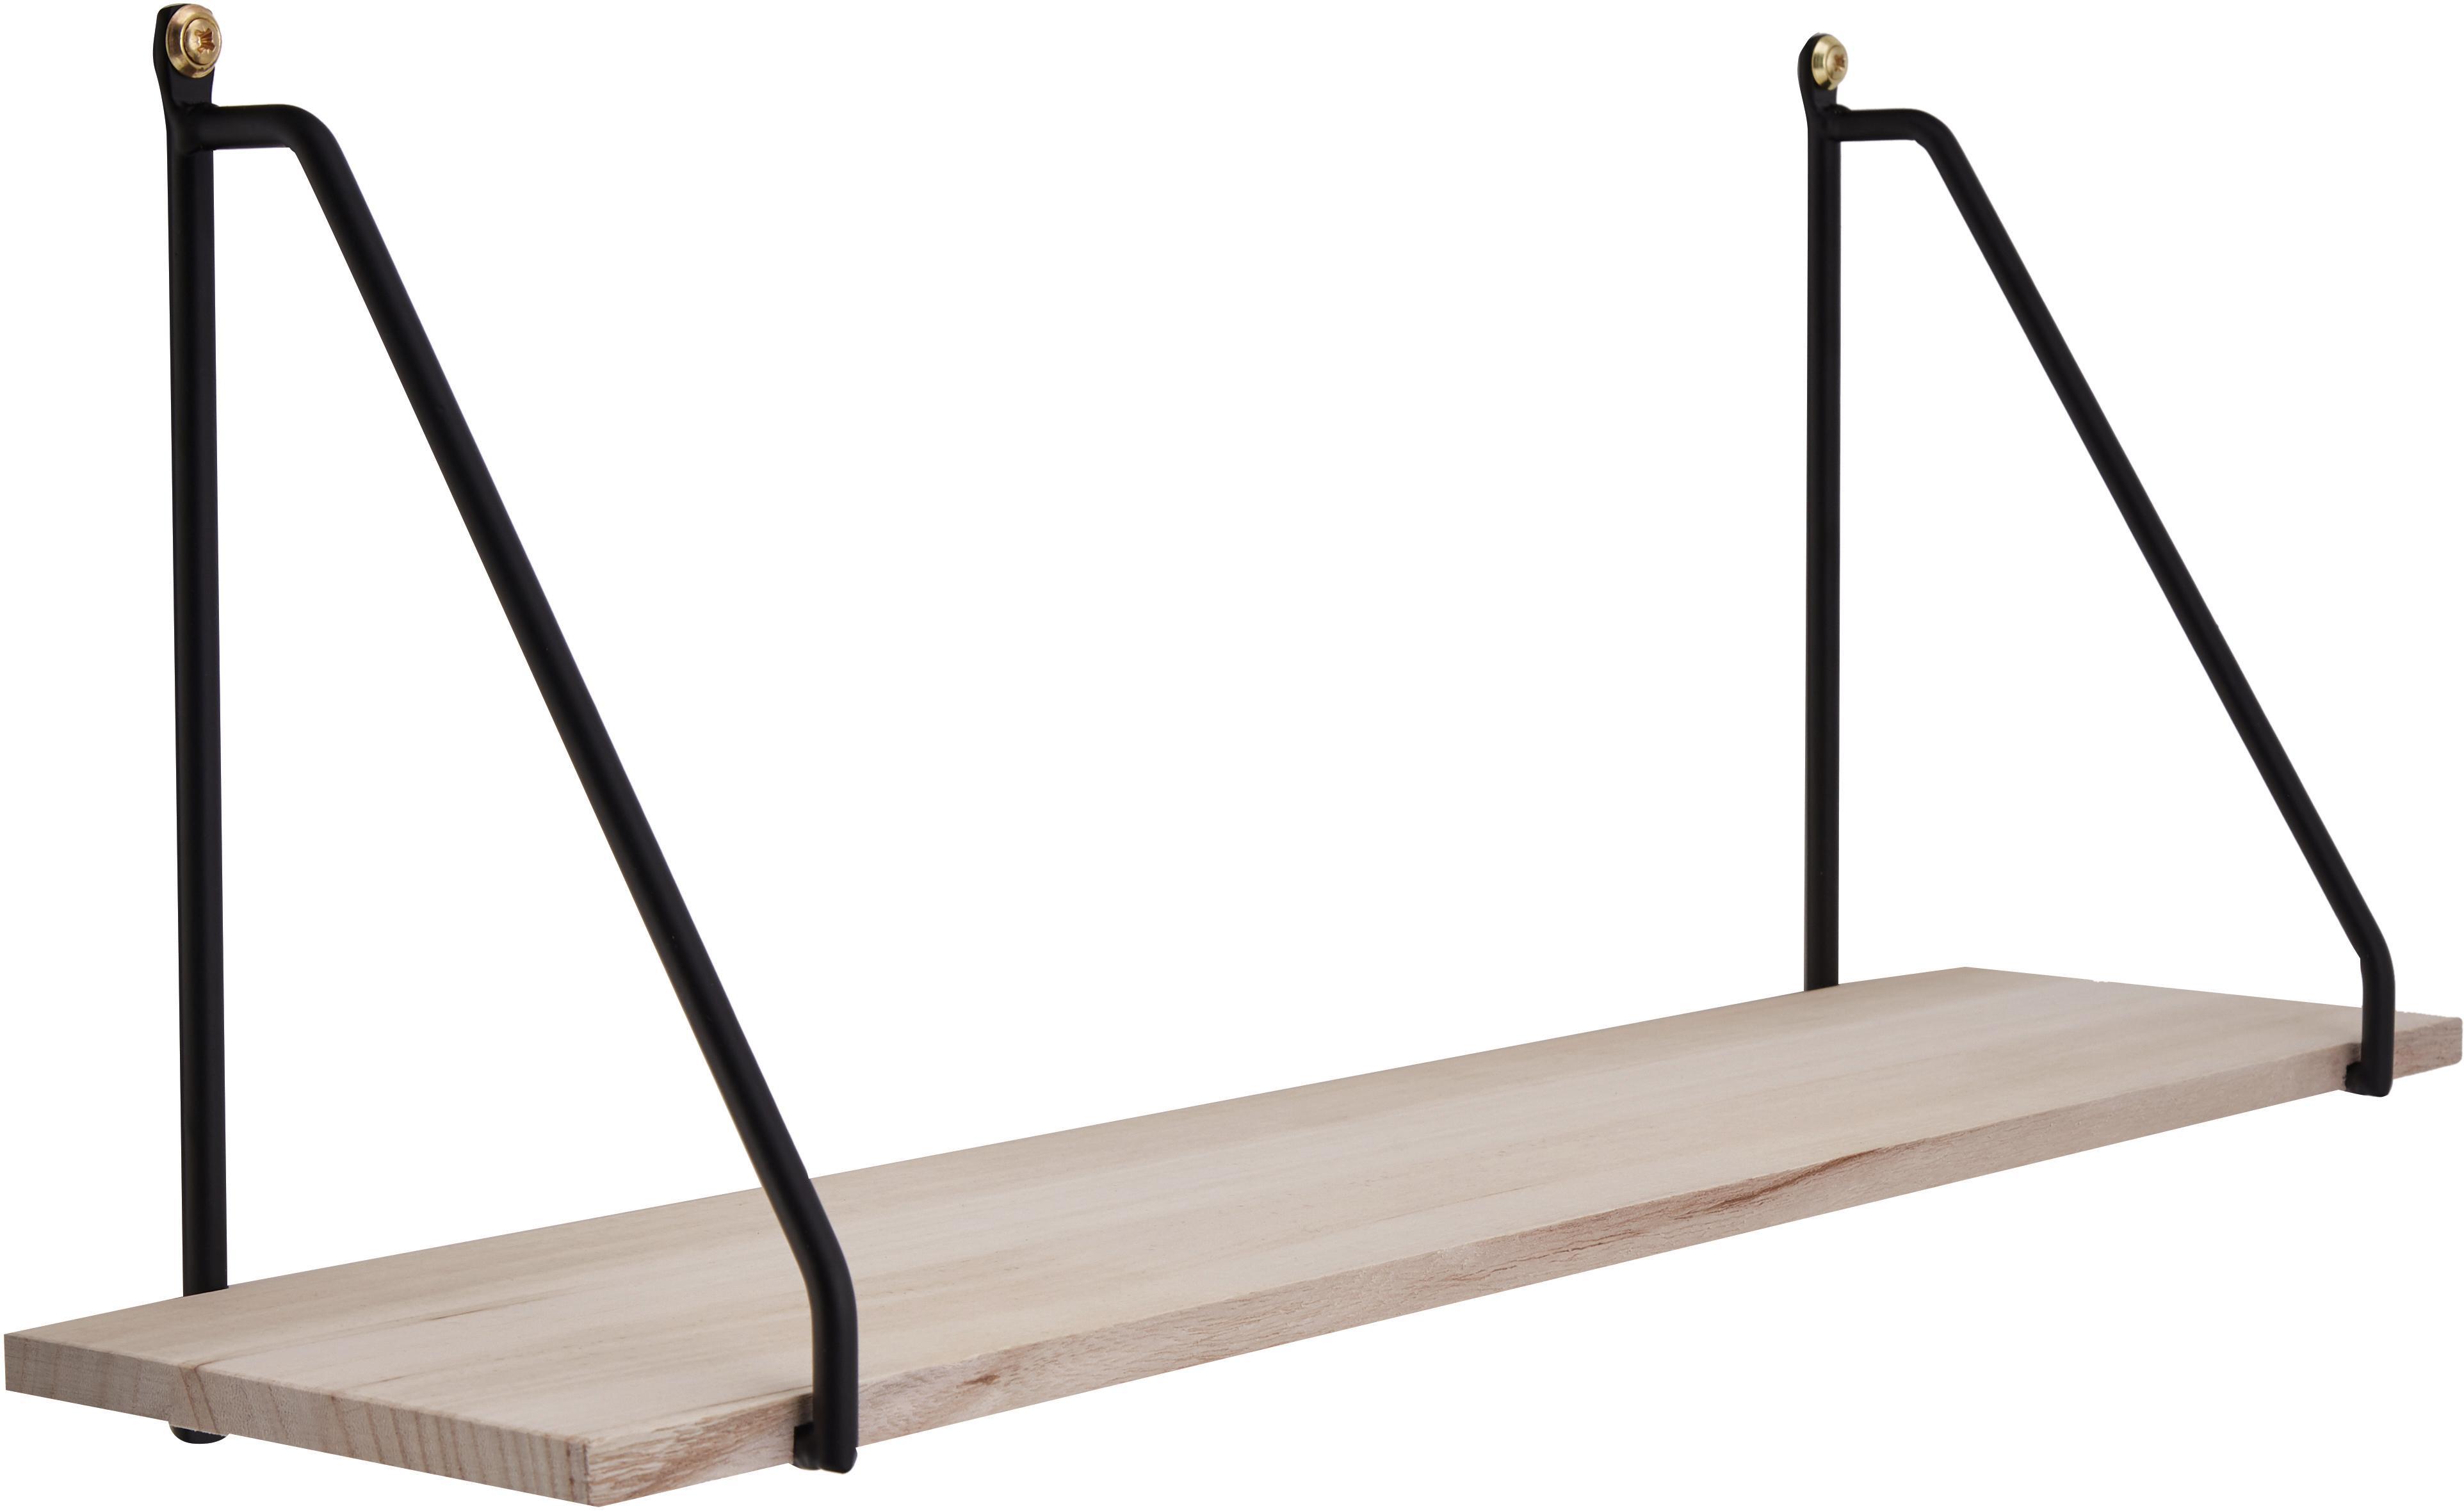 Estante de pared de madera y metal Arnhem, Estructura: metal con pintura en polv, Estantes: madera de Paulownia, Negro, marrón, An 65 x Al 27 cm